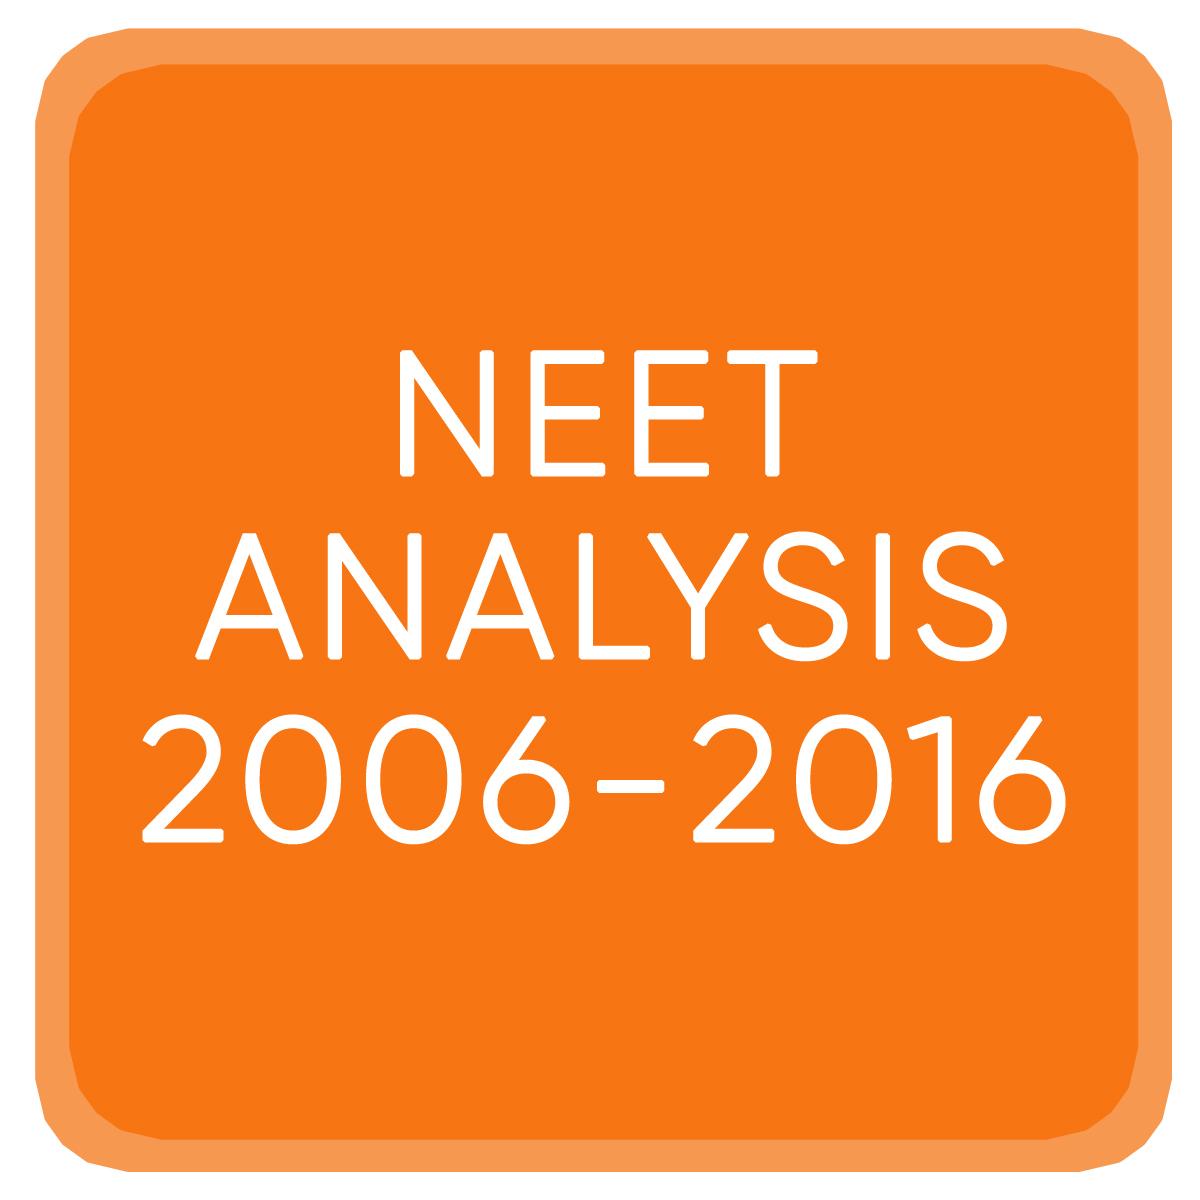 NEET Analysis 2006-2016